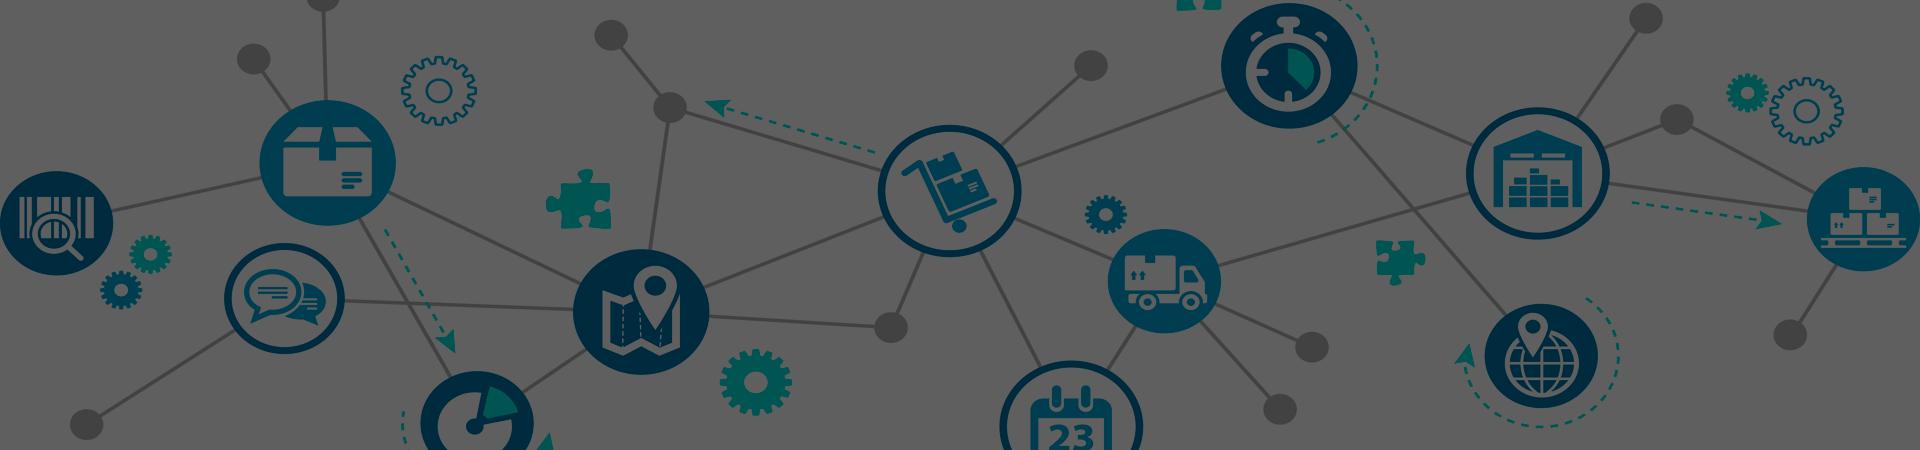 La hiperconexión en las cadenas logística